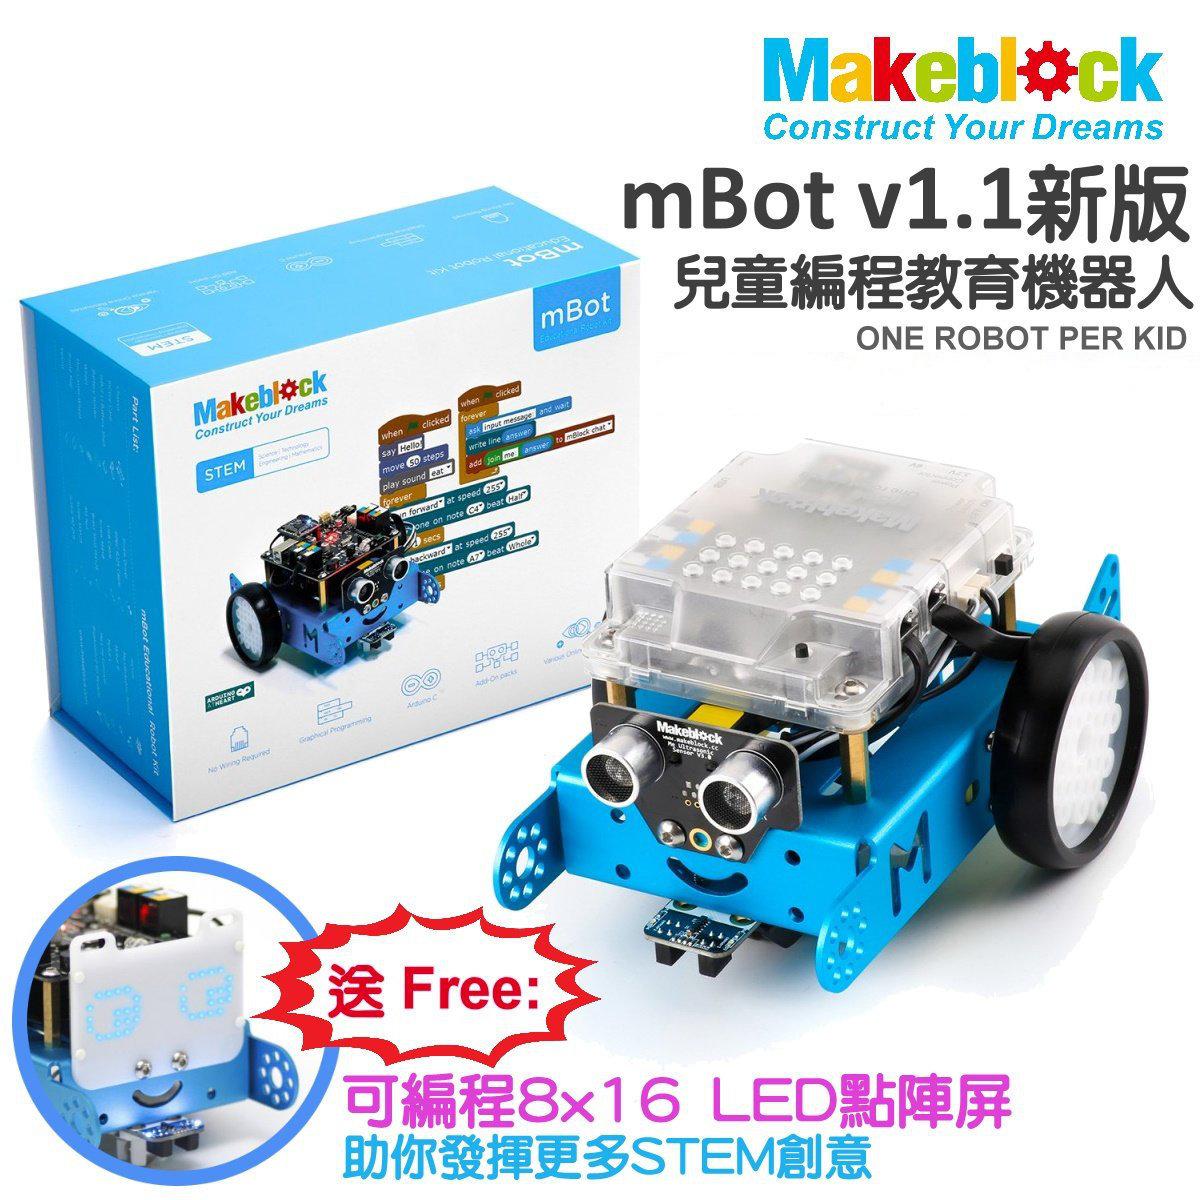 (送LED面板) mBot 1.1 新版 STEM 可編程教育機械人套裝 (藍牙版本)